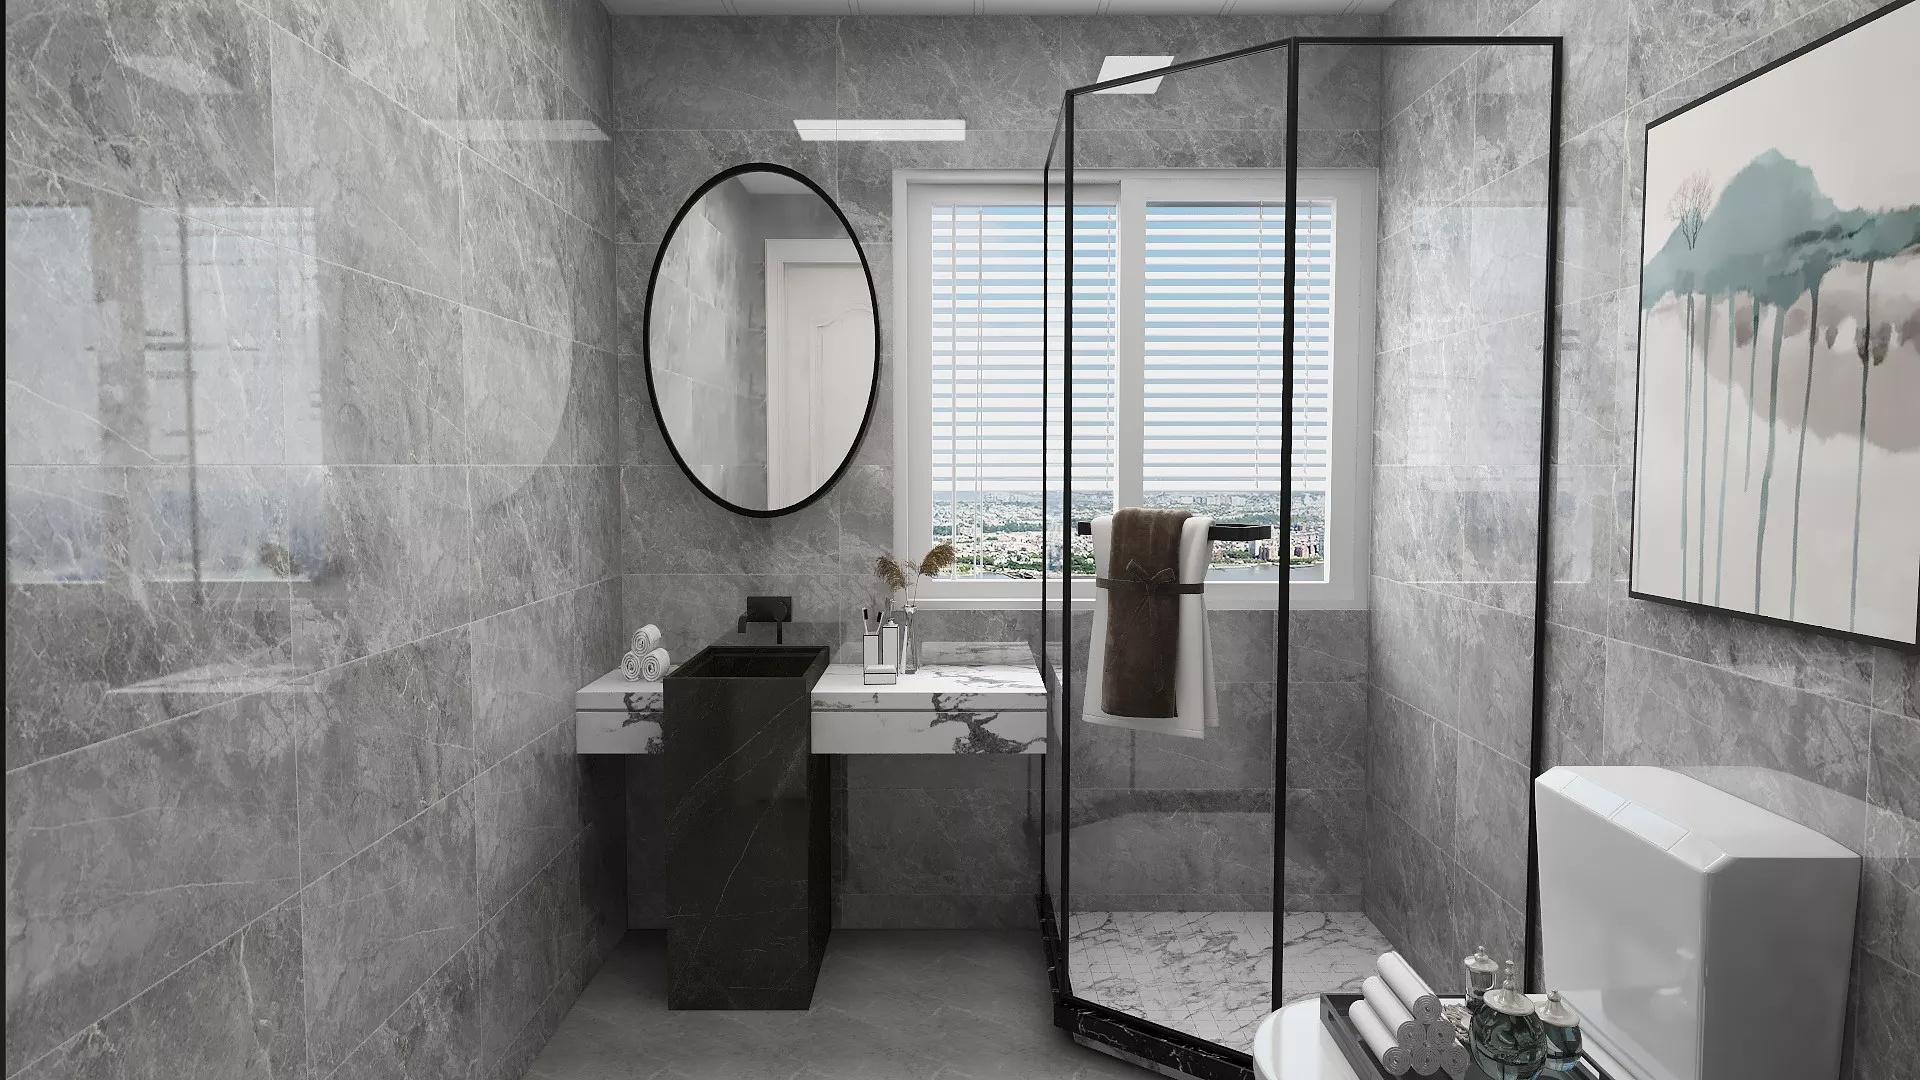 无纺布墙纸和墙布有什么区别 无纺布墙纸和墙布哪种好